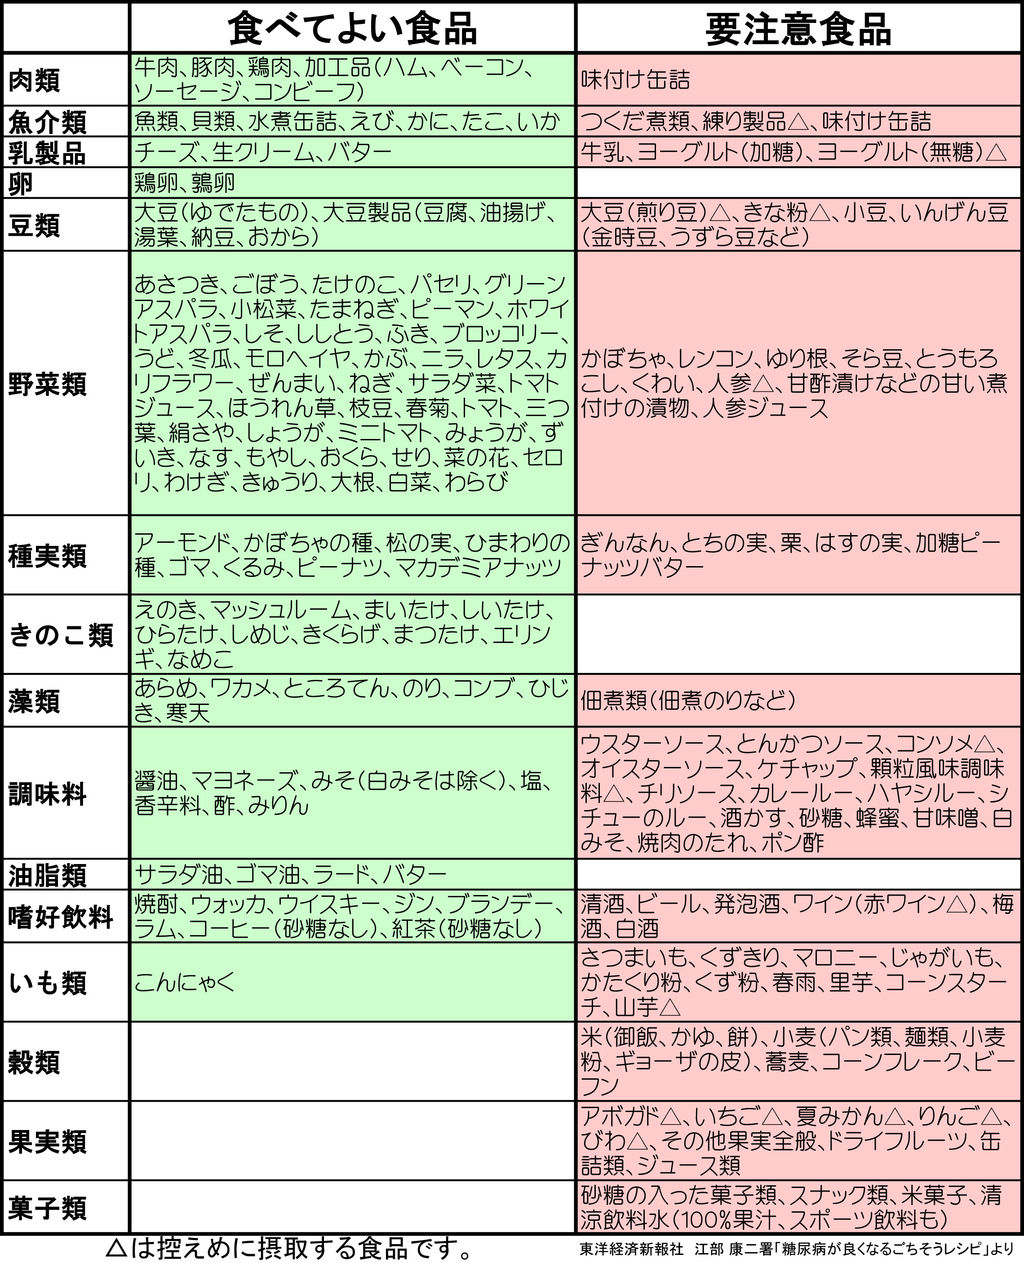 一覧 フォドマップ 【私の腸活】低FODMAP(フォドマップ)食材の一覧表を作りました。